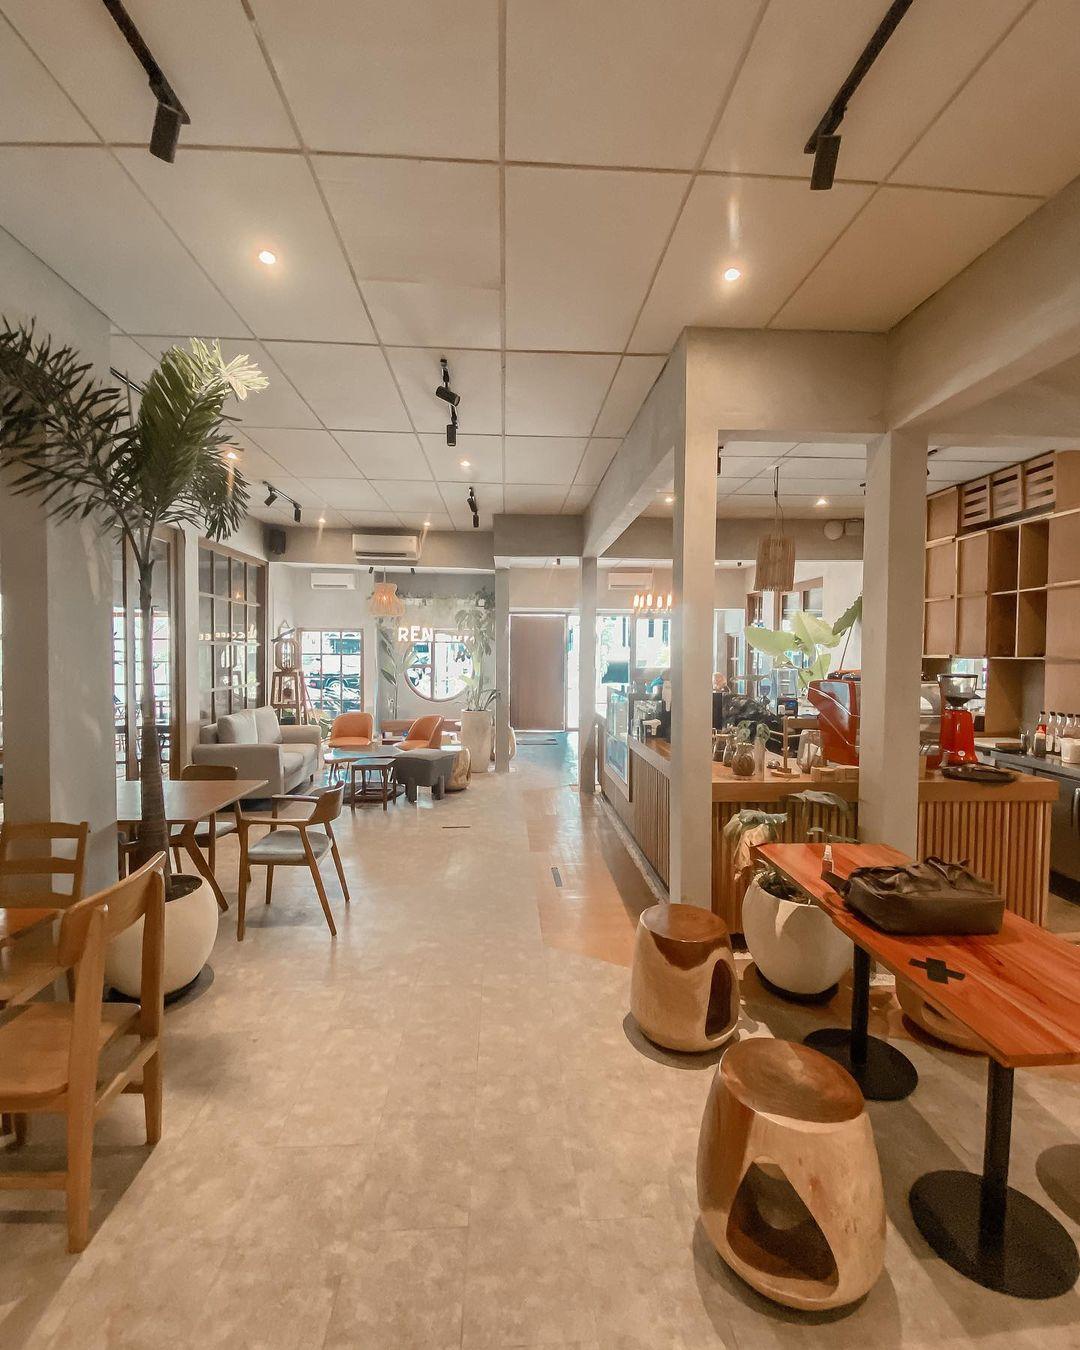 Bagian Indoor Ren Coffee Eatery Tebet Image From @mrkulinerjkt